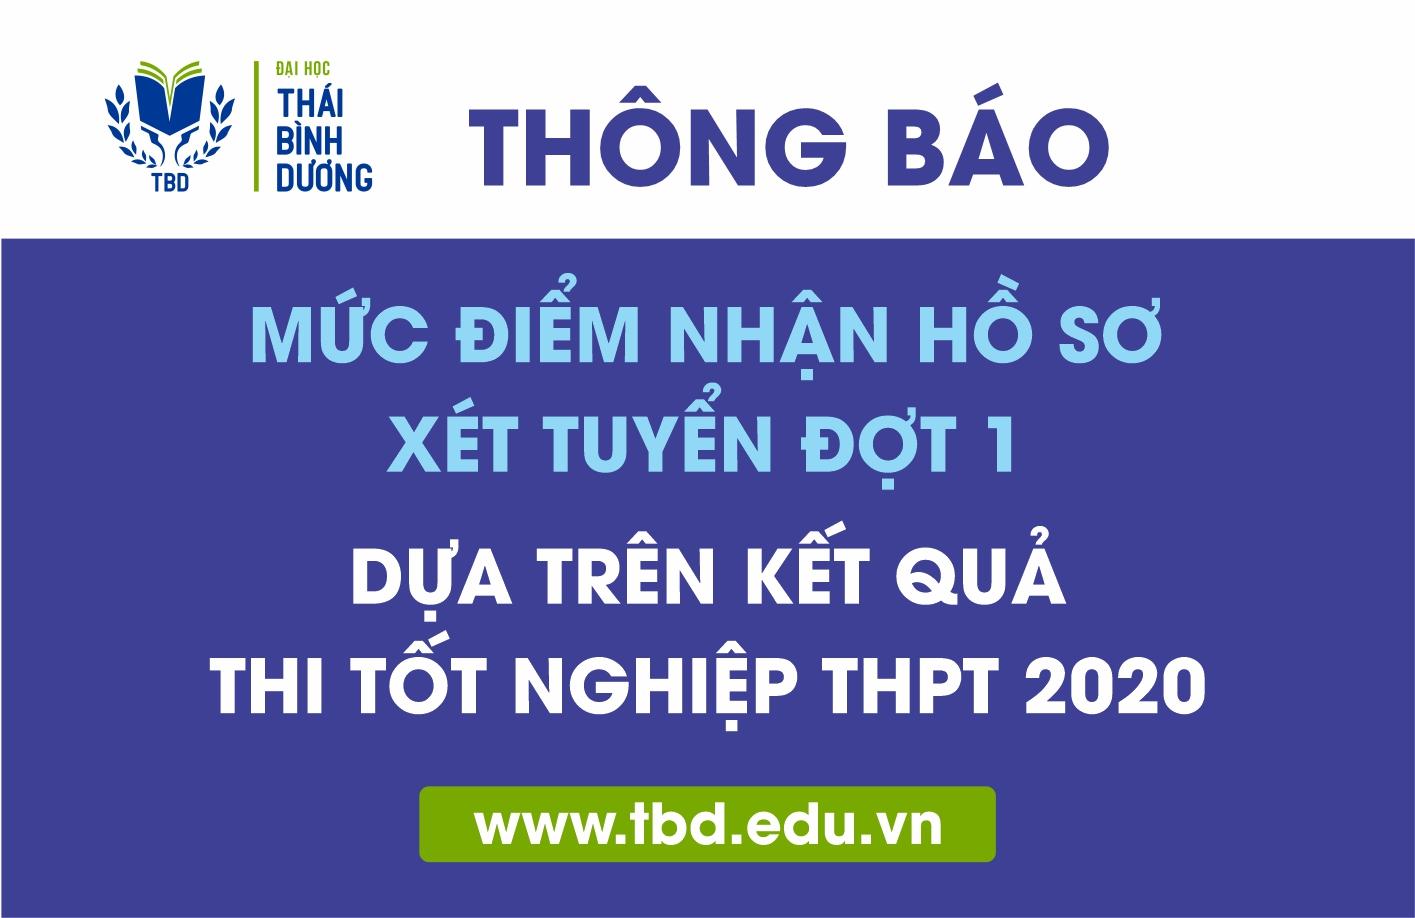 TBD thông báo mức điểm tối thiểu nhận hồ sơ xét tuyển đợt 1 dựa trên kết quả thi tốt nghiệp THPT 2020